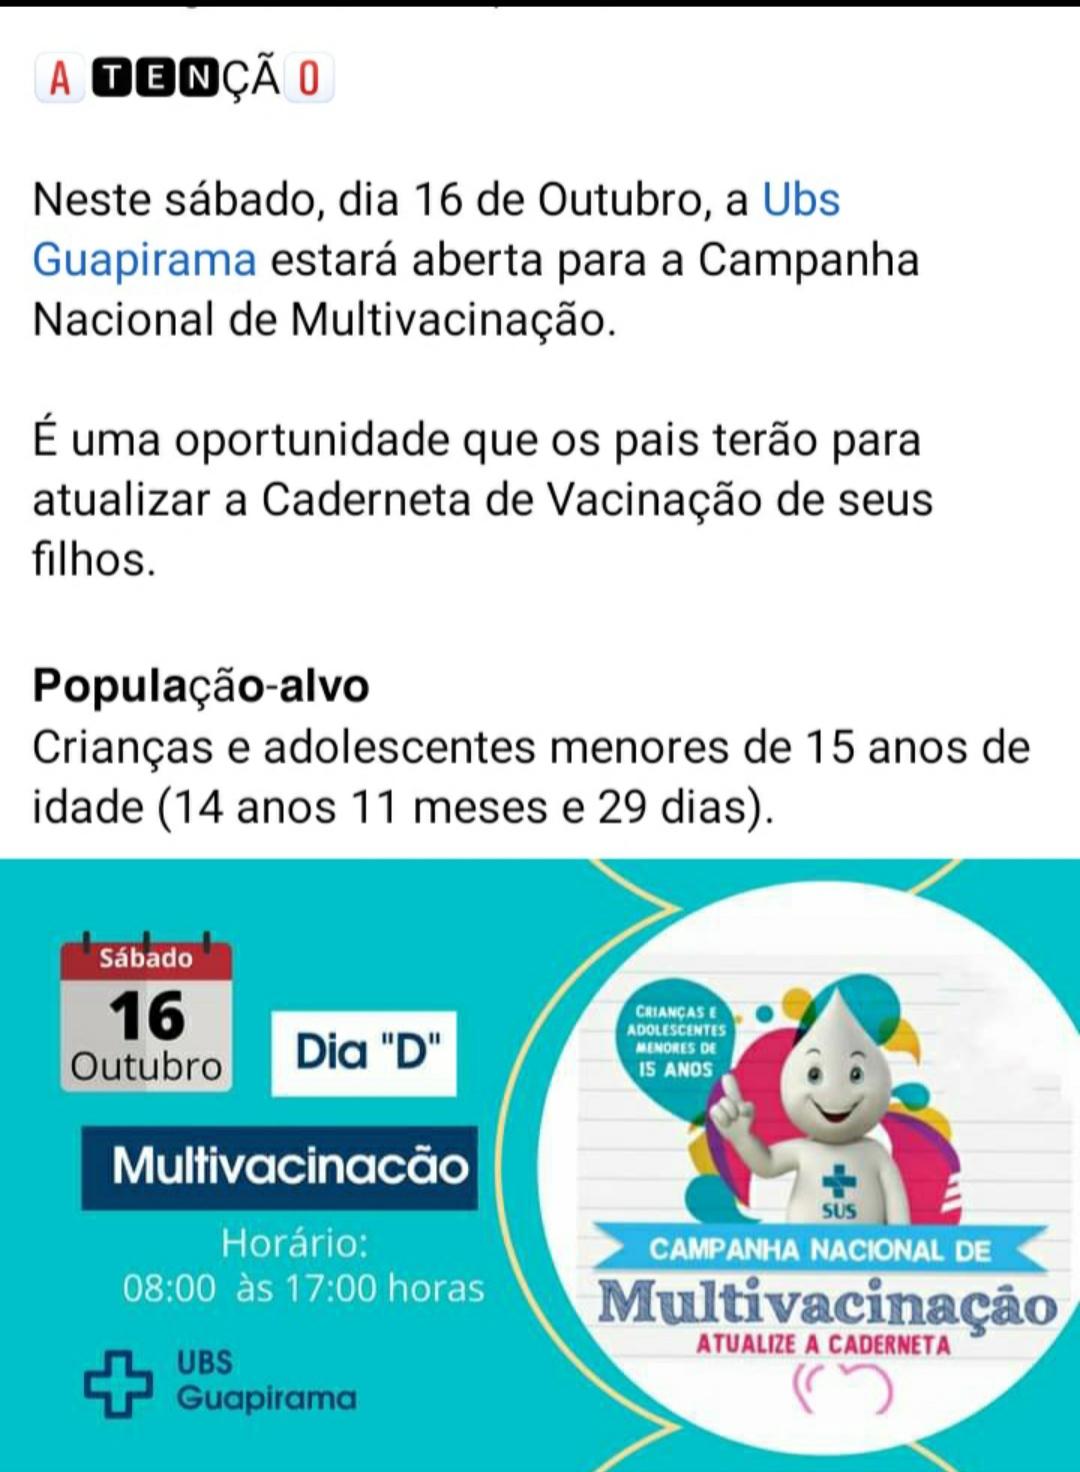 INFORMATIVO SOBRE  A CAMPANHA DE MULTIVACINAÇÃO!